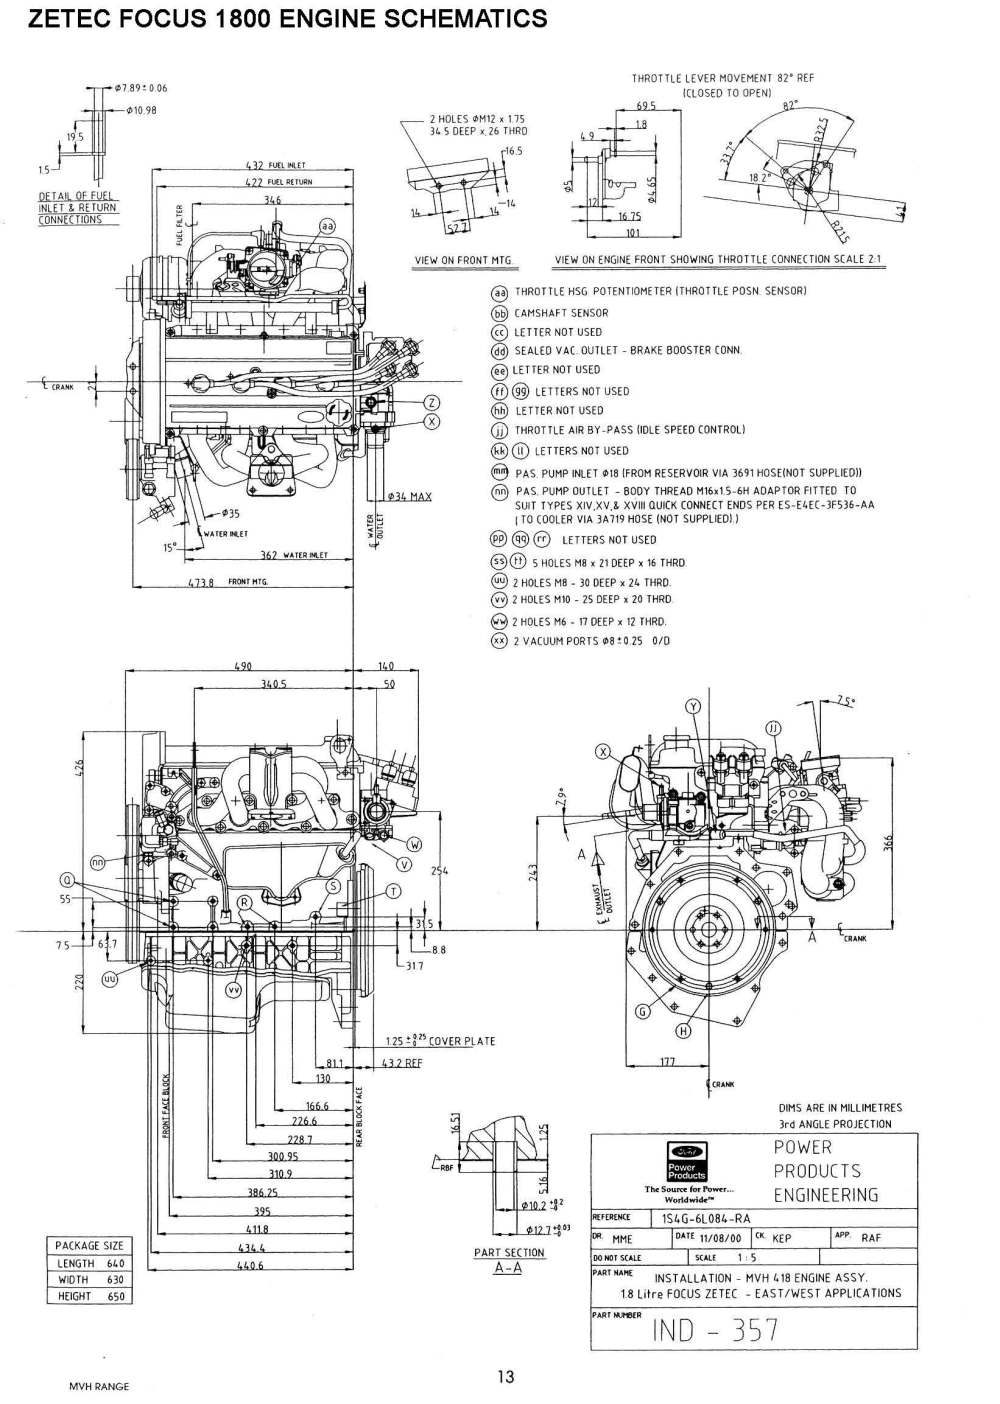 medium resolution of zetec engine diagram wiring diagram paper ford focus zetec engine diagram ford zetec engine diagram